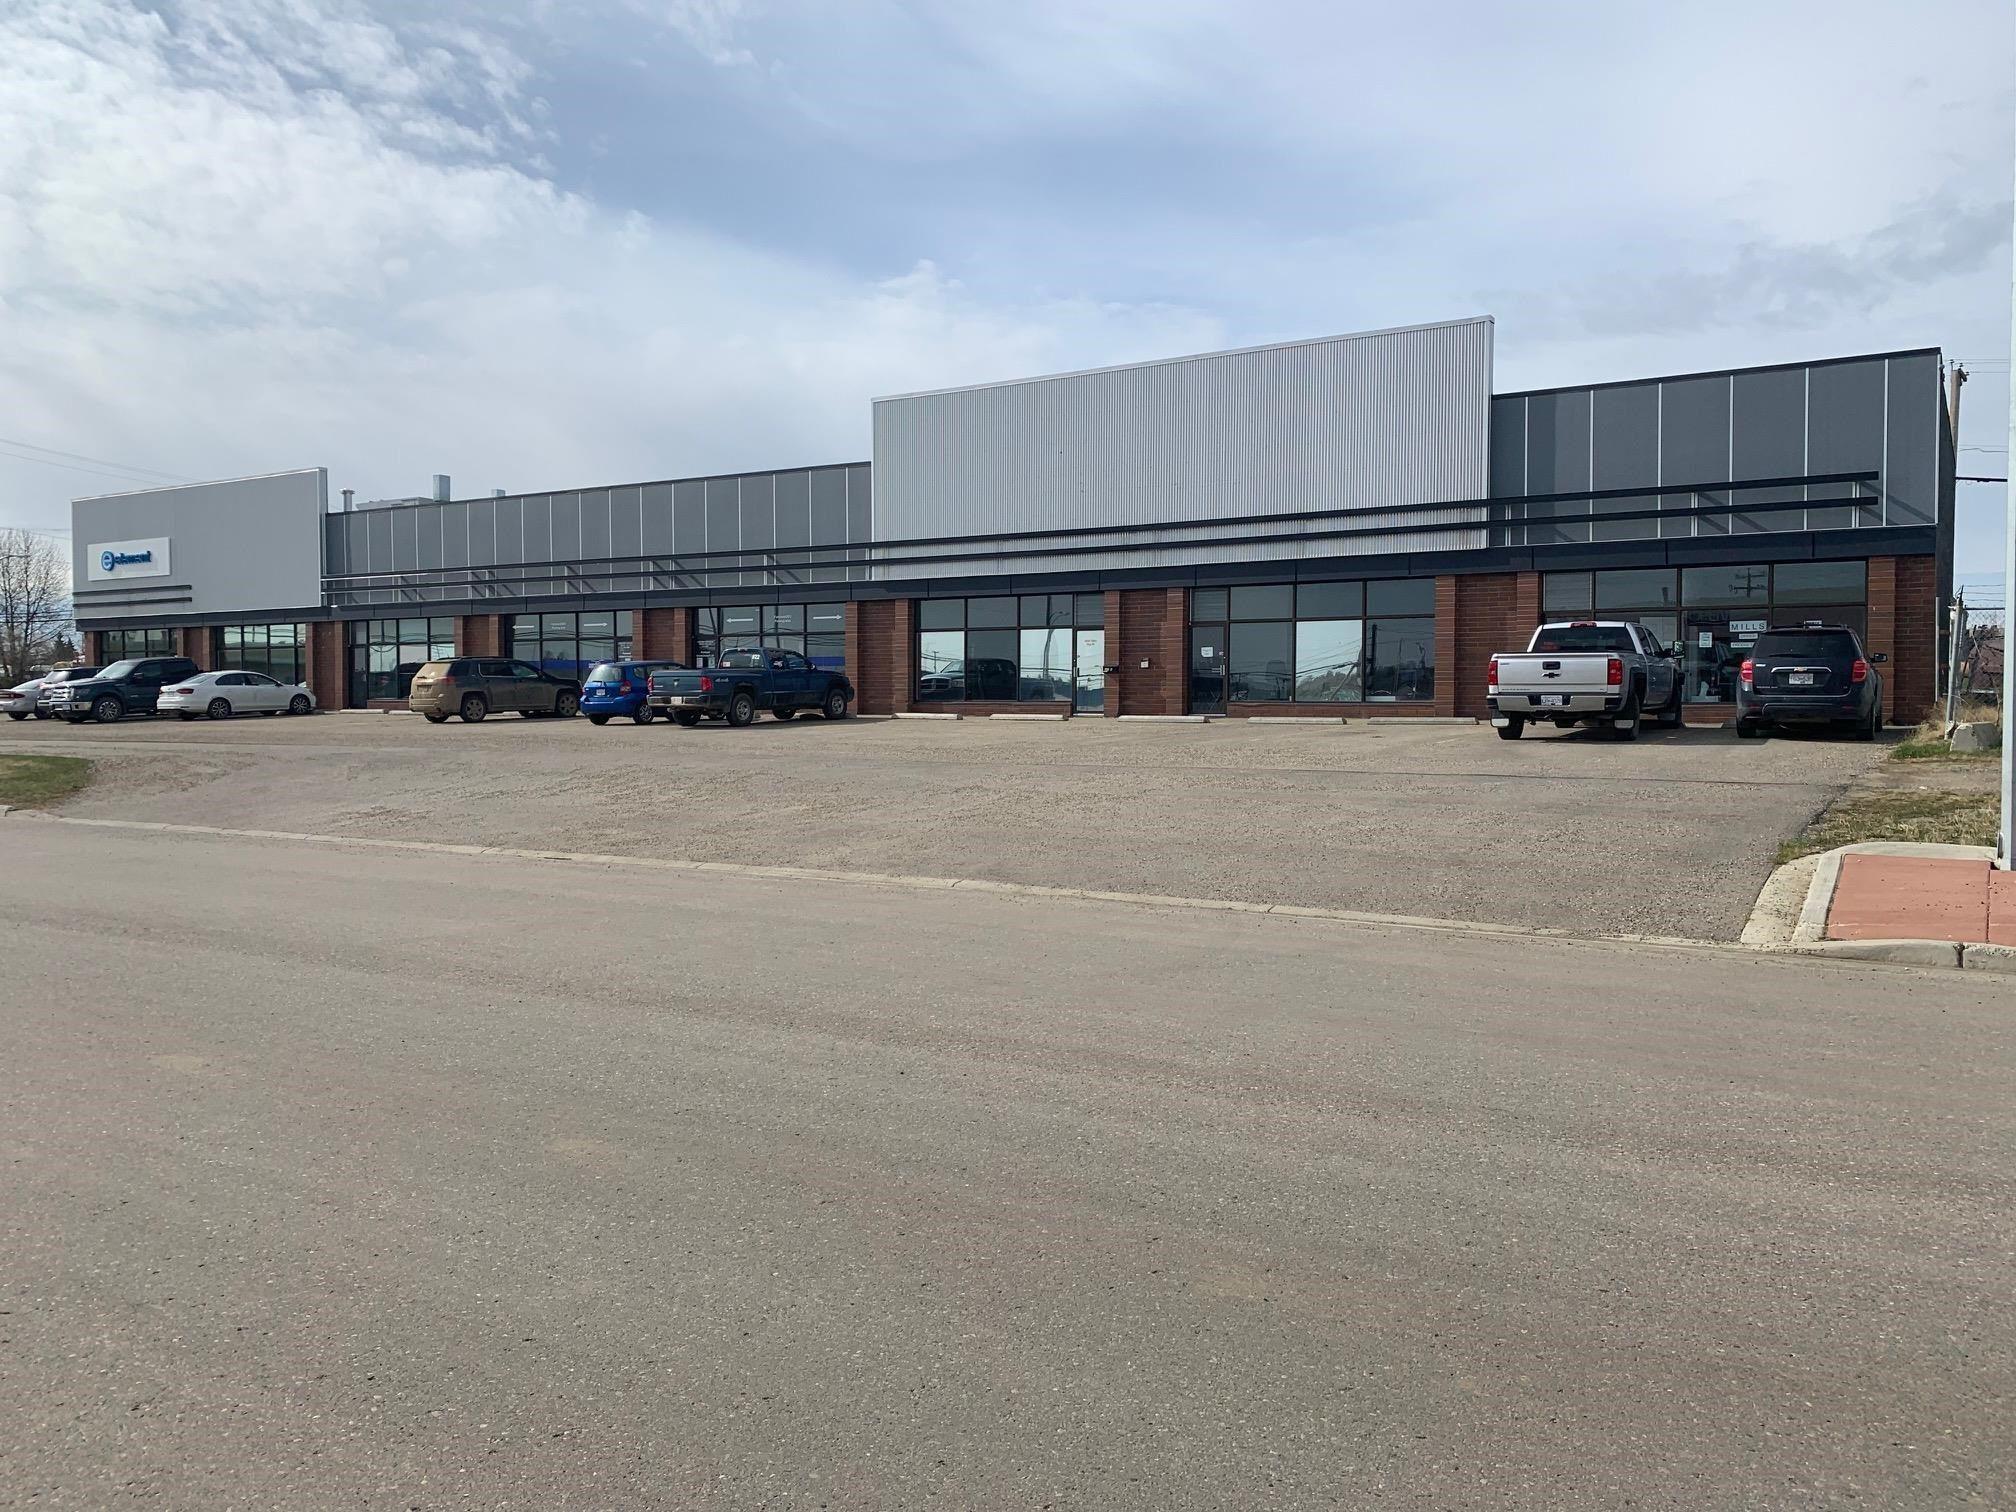 Main Photo: 8 8822 100 Street in Fort St. John: Fort St. John - City SE Industrial for lease (Fort St. John (Zone 60))  : MLS®# C8040321